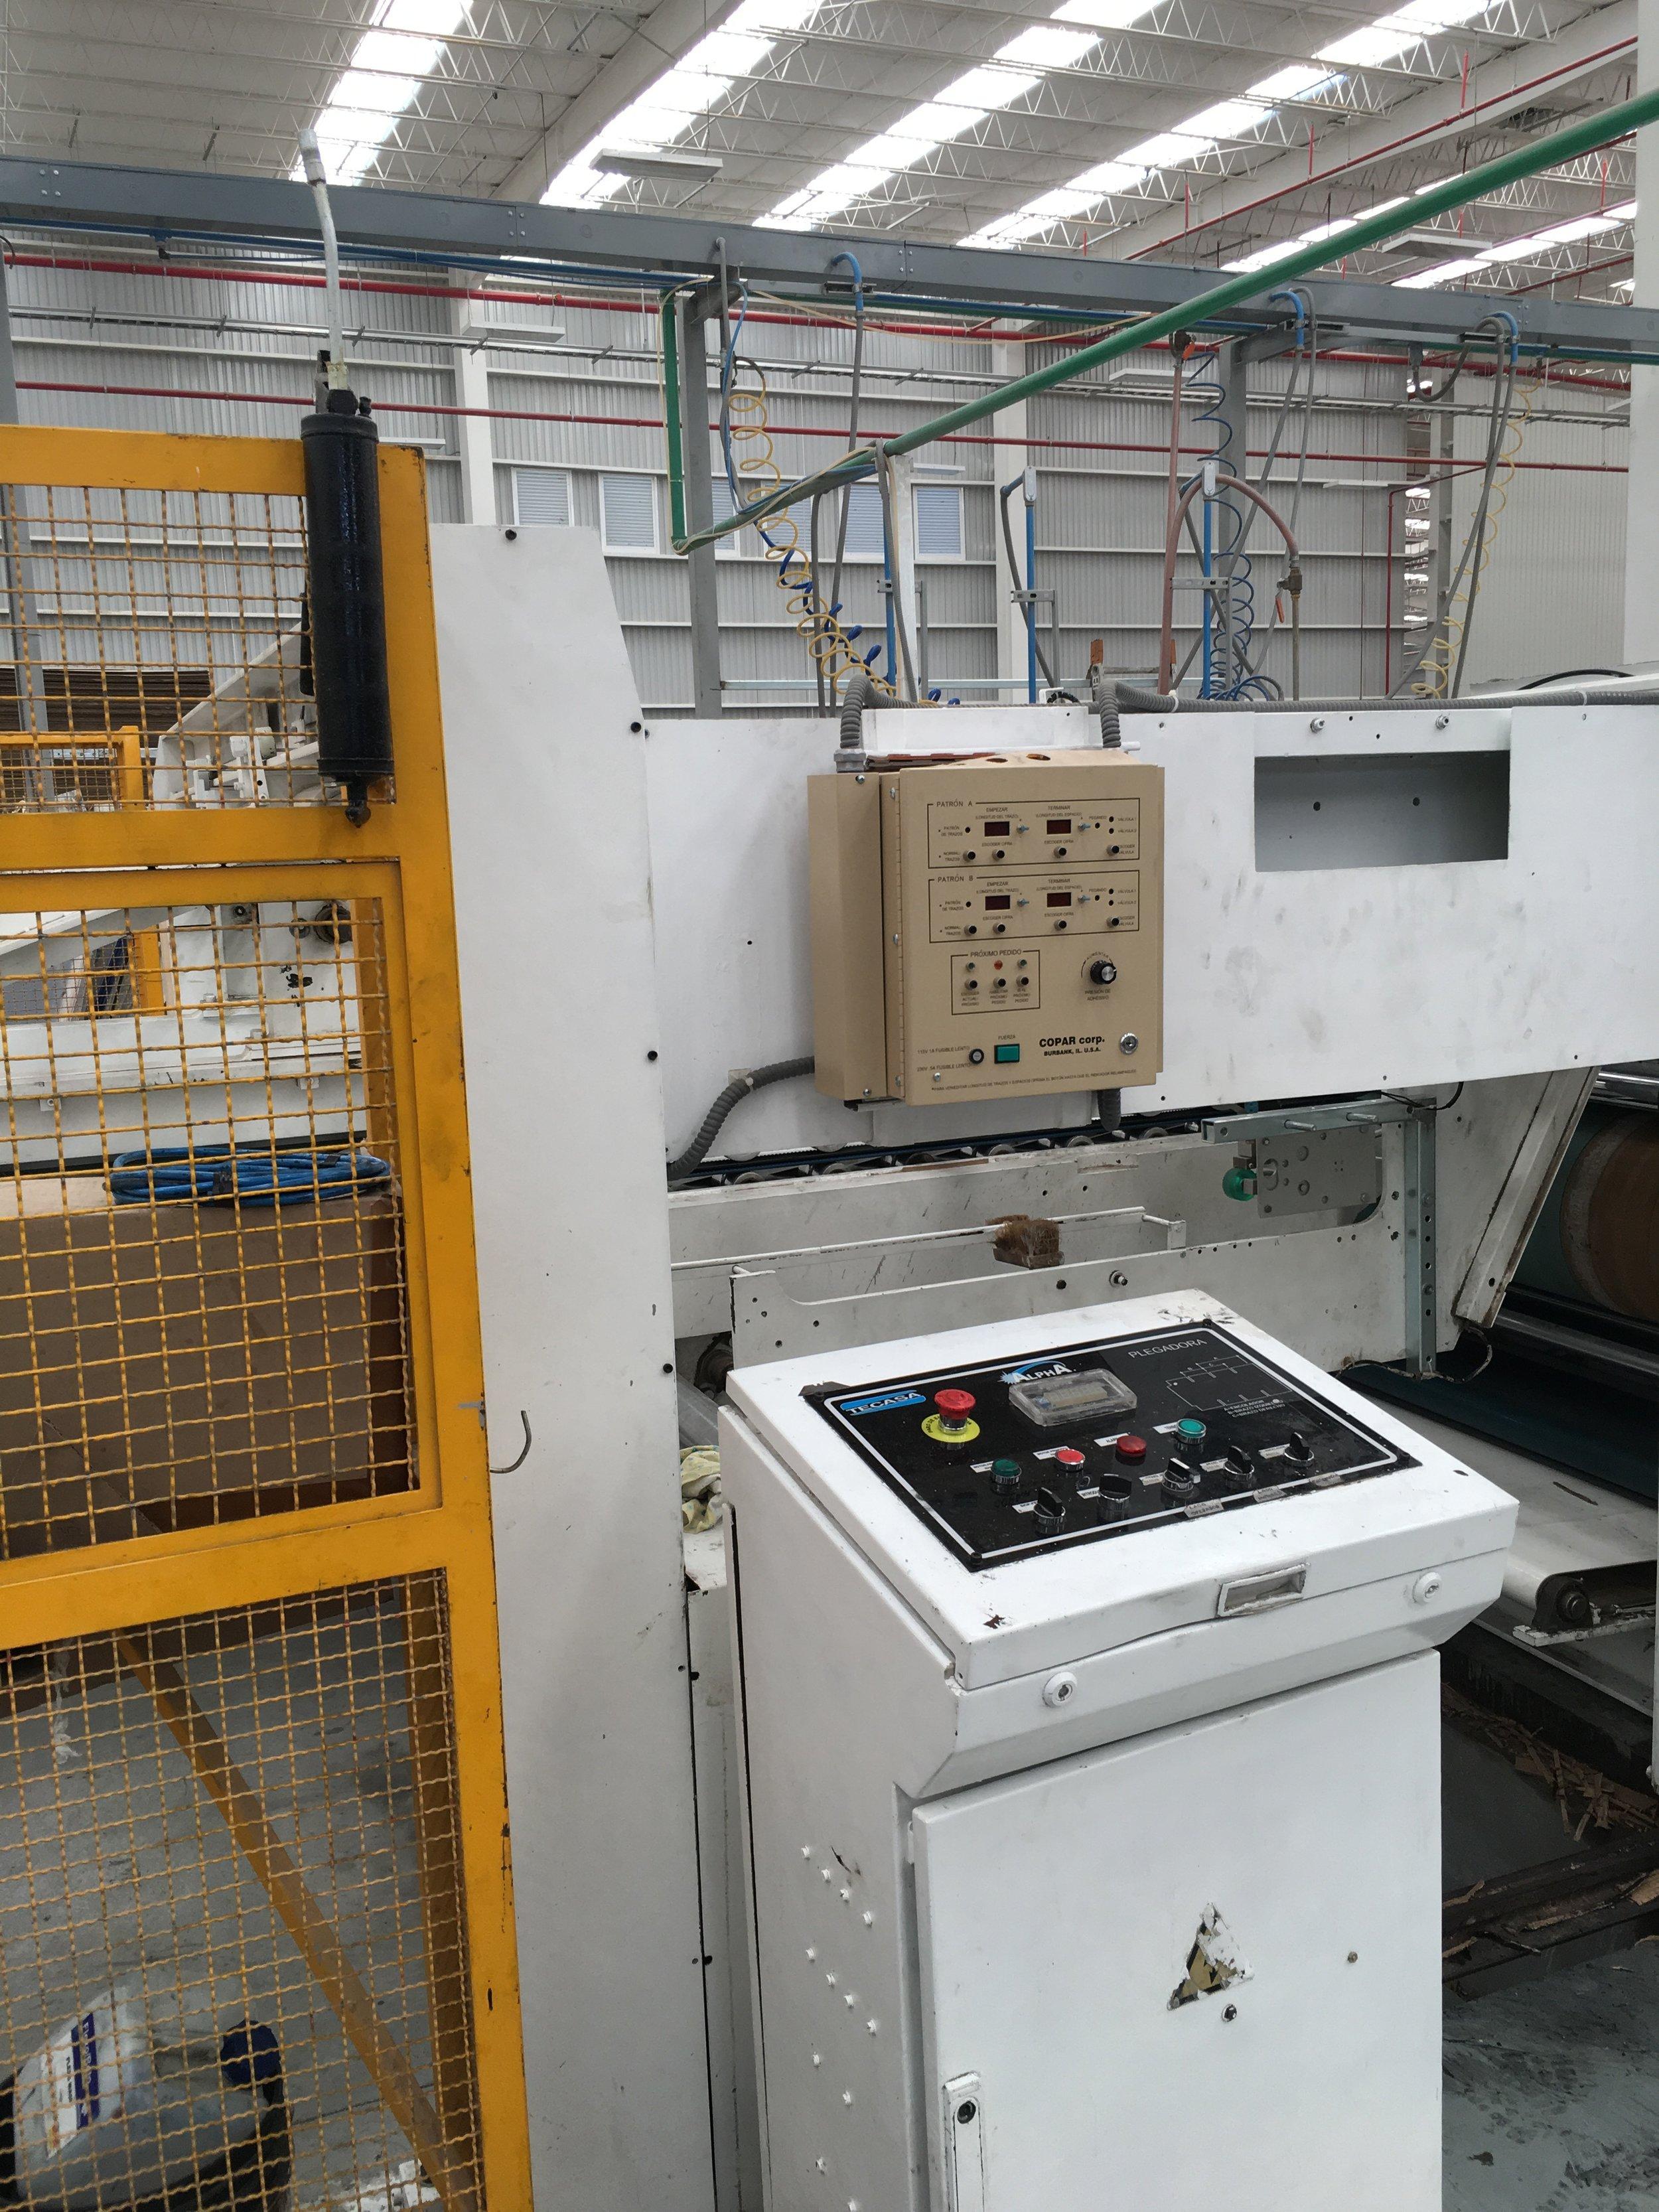 El gabinete de control del DGSC se monta fácilmente en el lado operador de la máquina